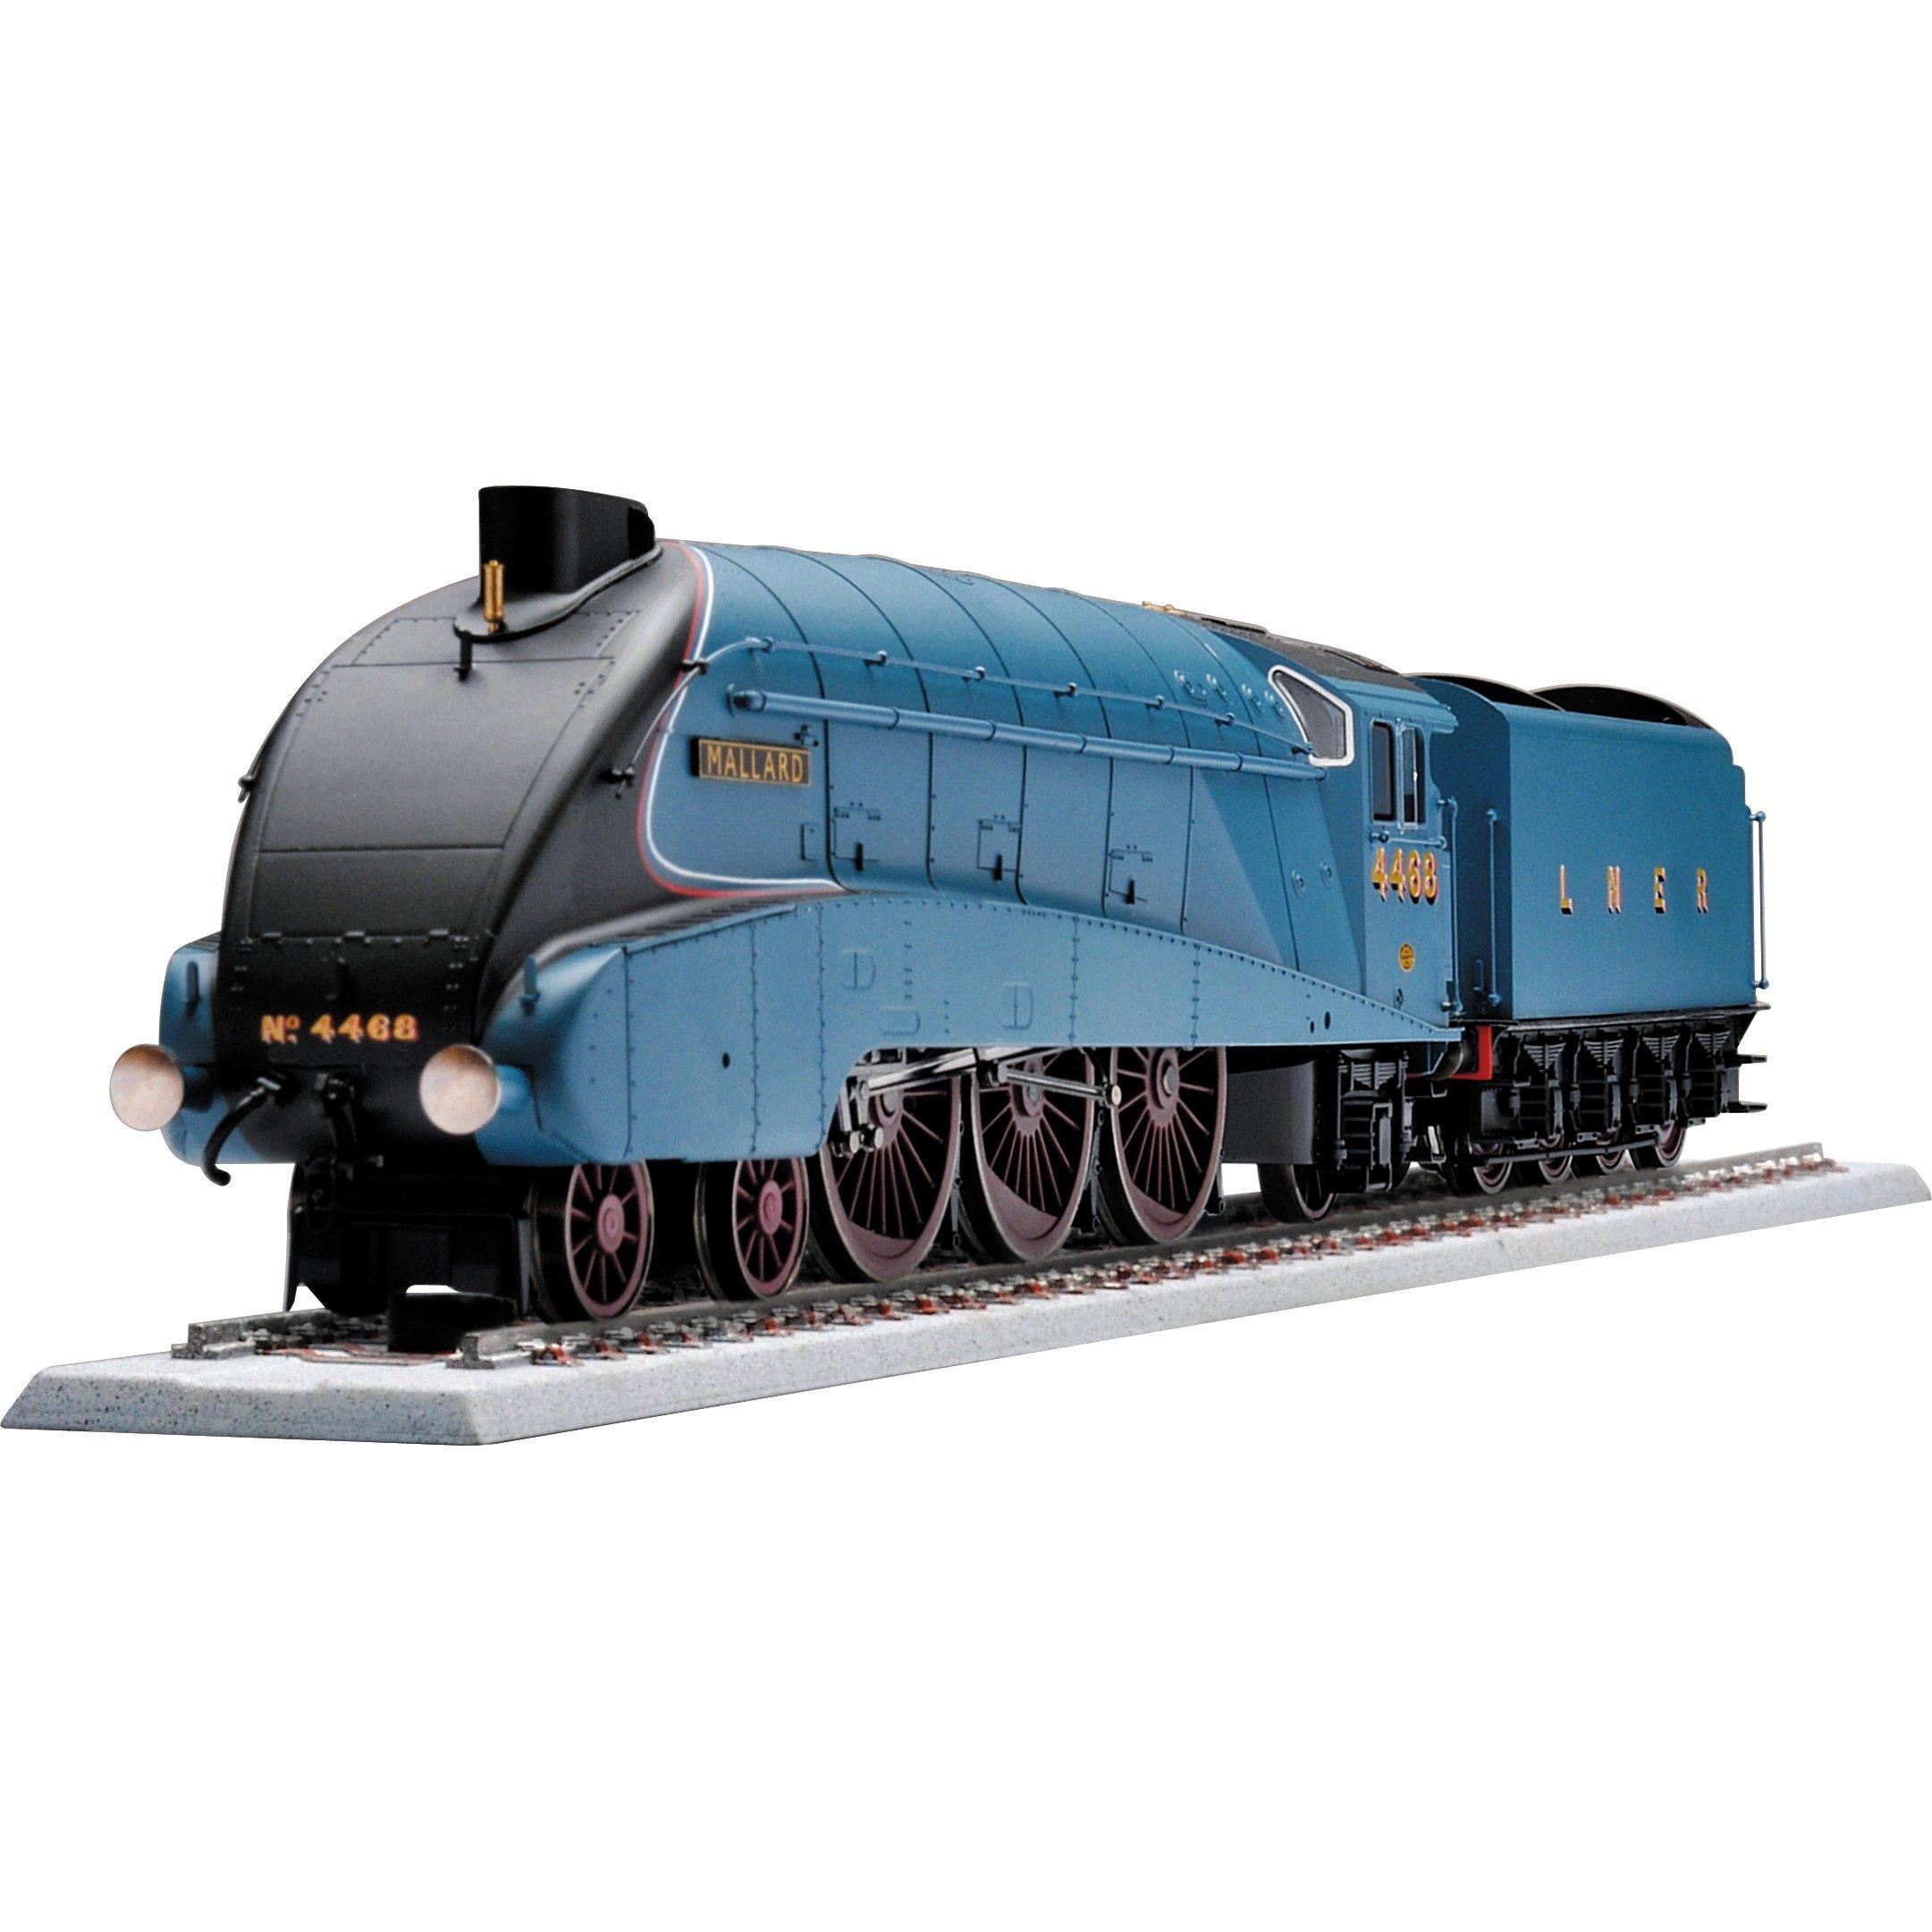 Corgi 1/120 NRM LNER 4-6-2 Mallard A4 Class (Garter Blue) Assembled Diecast Train Model